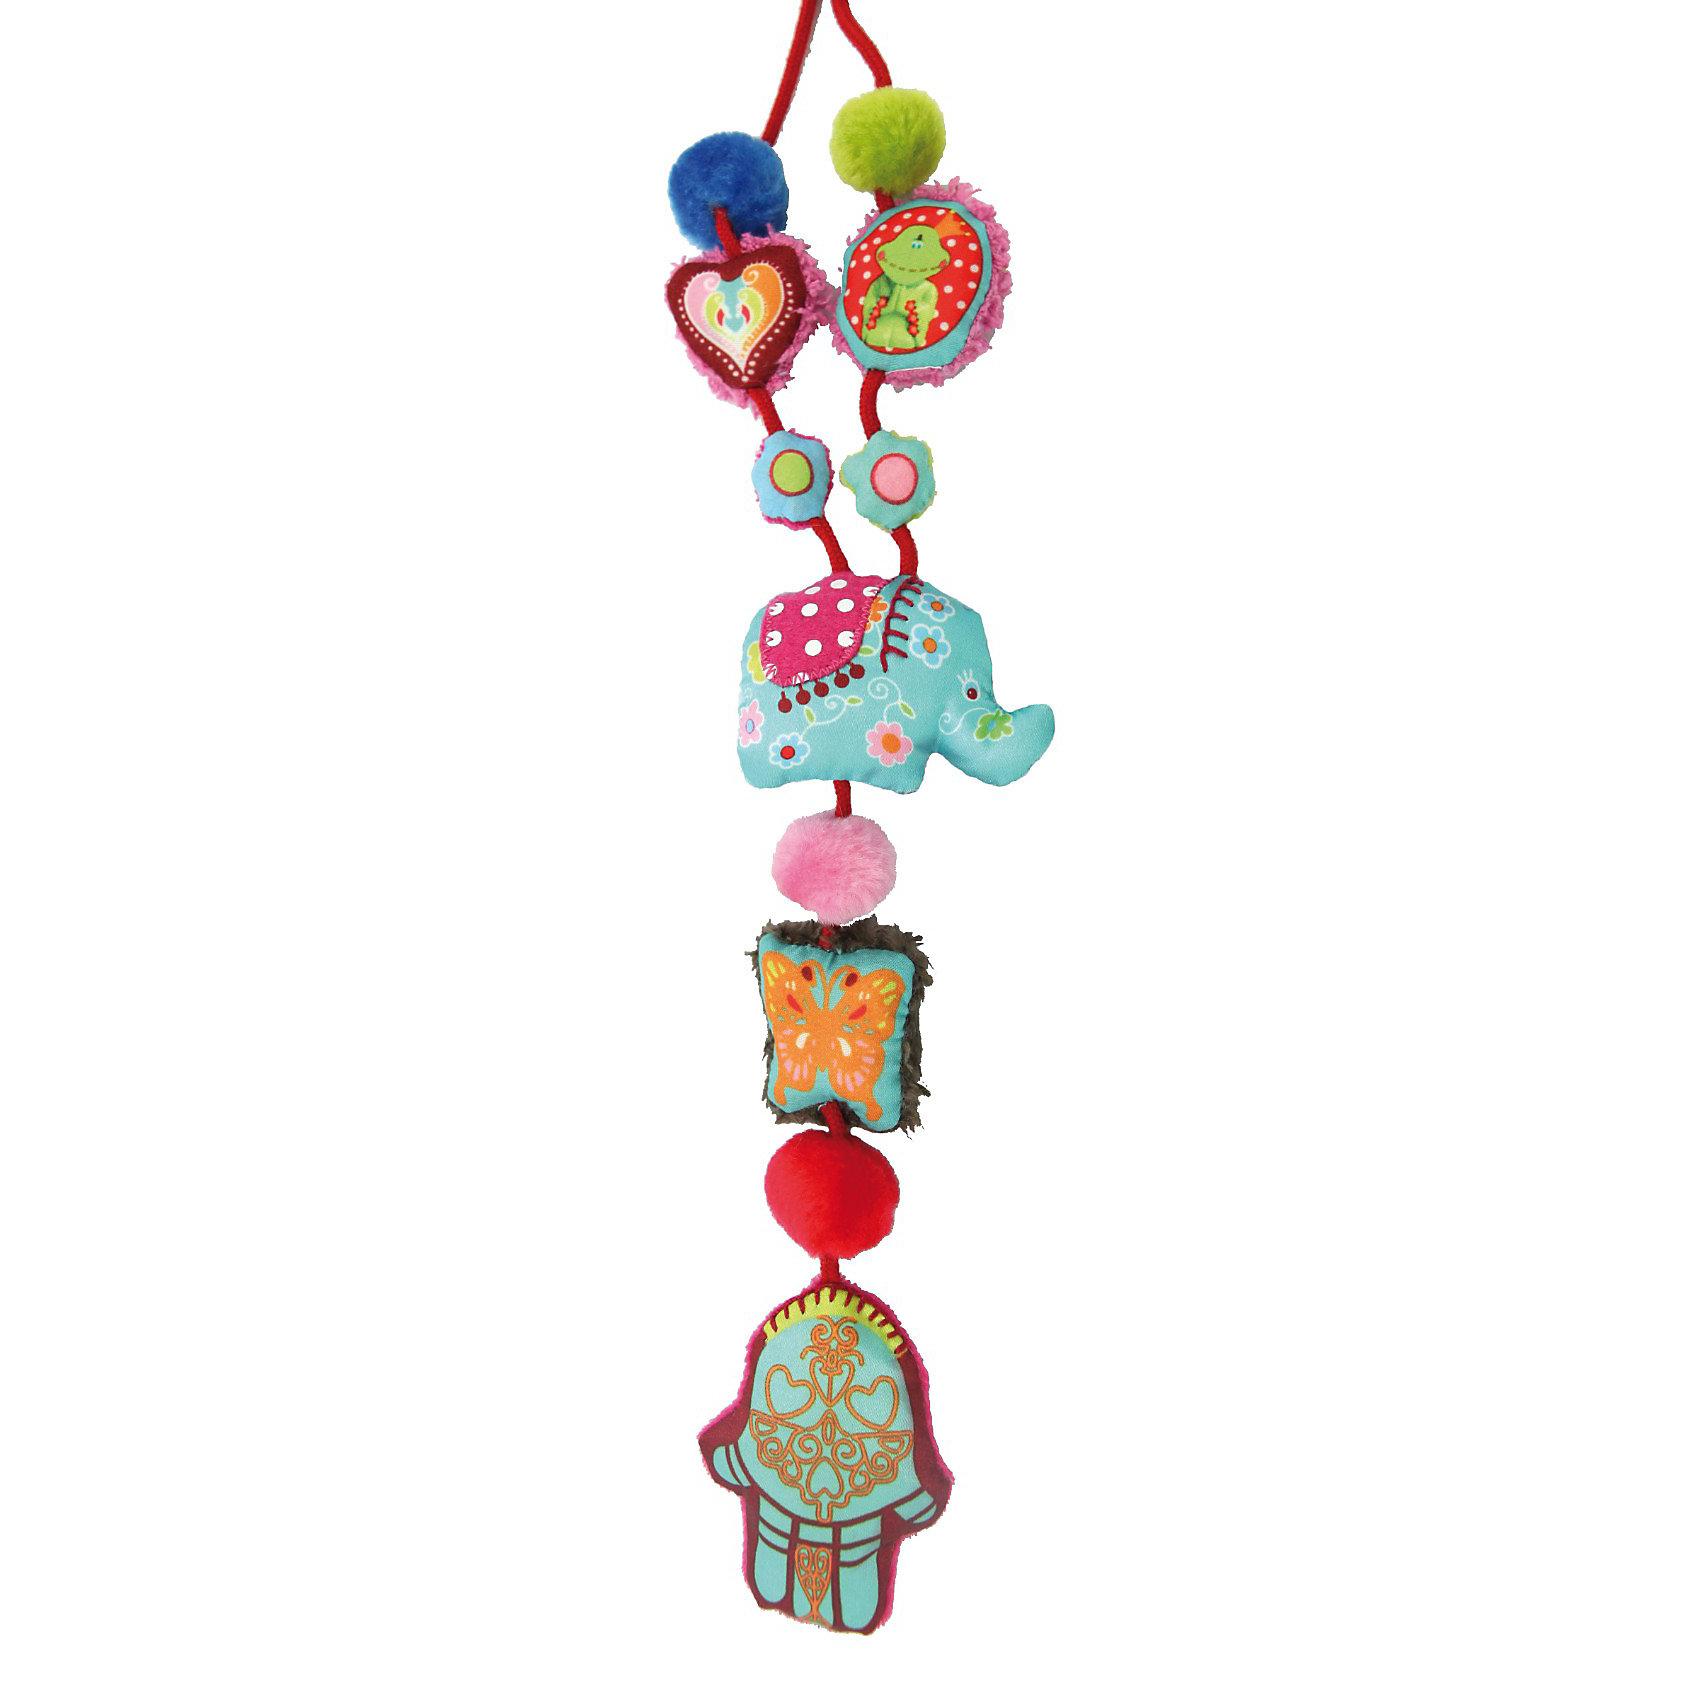 DUSHI Ожерелье Индия коллекции Мама&amp;малышМягкие игрушки<br>Стильное украшение - полезная игрушка облегчает непростые заботы мамы о малыше в различных ситуациях.<br><br>Отличное решение для любознательных ручек, которые всегда тянутся к дорогим маминым украшениям или родинке на шее!<br><br>Даже самый непоседливый кроха моментально увлечется игрой с нежными текстильными частями колье, различными полосочками и ярлычками, маленьким зеркальцем или мягкой звездочкой, которую так увлекательно щупать пальчиками.<br><br>Вместо того чтобы крошечные ручки теребили Ваши дорогие украшения, дизайнерские сережки или родинки на шее, добычей малыша станет специально созданное для развития детских пальчиков ожерелье из коллекции «Мама&amp;малыш». Любое колье этой серии  разработано прежде всего из соображений безопасности: мягкое, без жестких частей, острых краев и бусин, которые могут оторваться.<br><br>Яркие цвета, крупные образы, мягкая ткань и различные звуковые эффекты будут привлекать внимание ребенка в течение долгого времени. Больше никакого напряжения в ожидании приема у доктора или смущения в очереди в супермаркете. Кроме того ожерелье выглядит так стильно и привлекательно, что даже самые модные мамы захотят иметь такое! Что говорить о маленьких красотках, которые всегда подражают своей маме и желают быть такой же модной и красивой, как она?<br><br>А ваши друзья, у которых есть активный и любознательный малыш, будут очень рады такому оригинальному и нужному подарку!<br><br>Дополнительная информация:<br><br>Носить такое колье могут все: оно имеет безопасную застежку специальной конструкции.<br>Для использования с рождения (надевать на шею взрослому)<br>Все изделия от DUSHI соответствуют последним требованиям безопасности Европейского сообщества и нормативов EN71 в отношении детских товаров.<br><br>Ширина мм: 280<br>Глубина мм: 180<br>Высота мм: 25<br>Вес г: 110<br>Возраст от месяцев: 0<br>Возраст до месяцев: 36<br>Пол: Унисекс<br>Возраст: Детский<br>SKU: 3193331